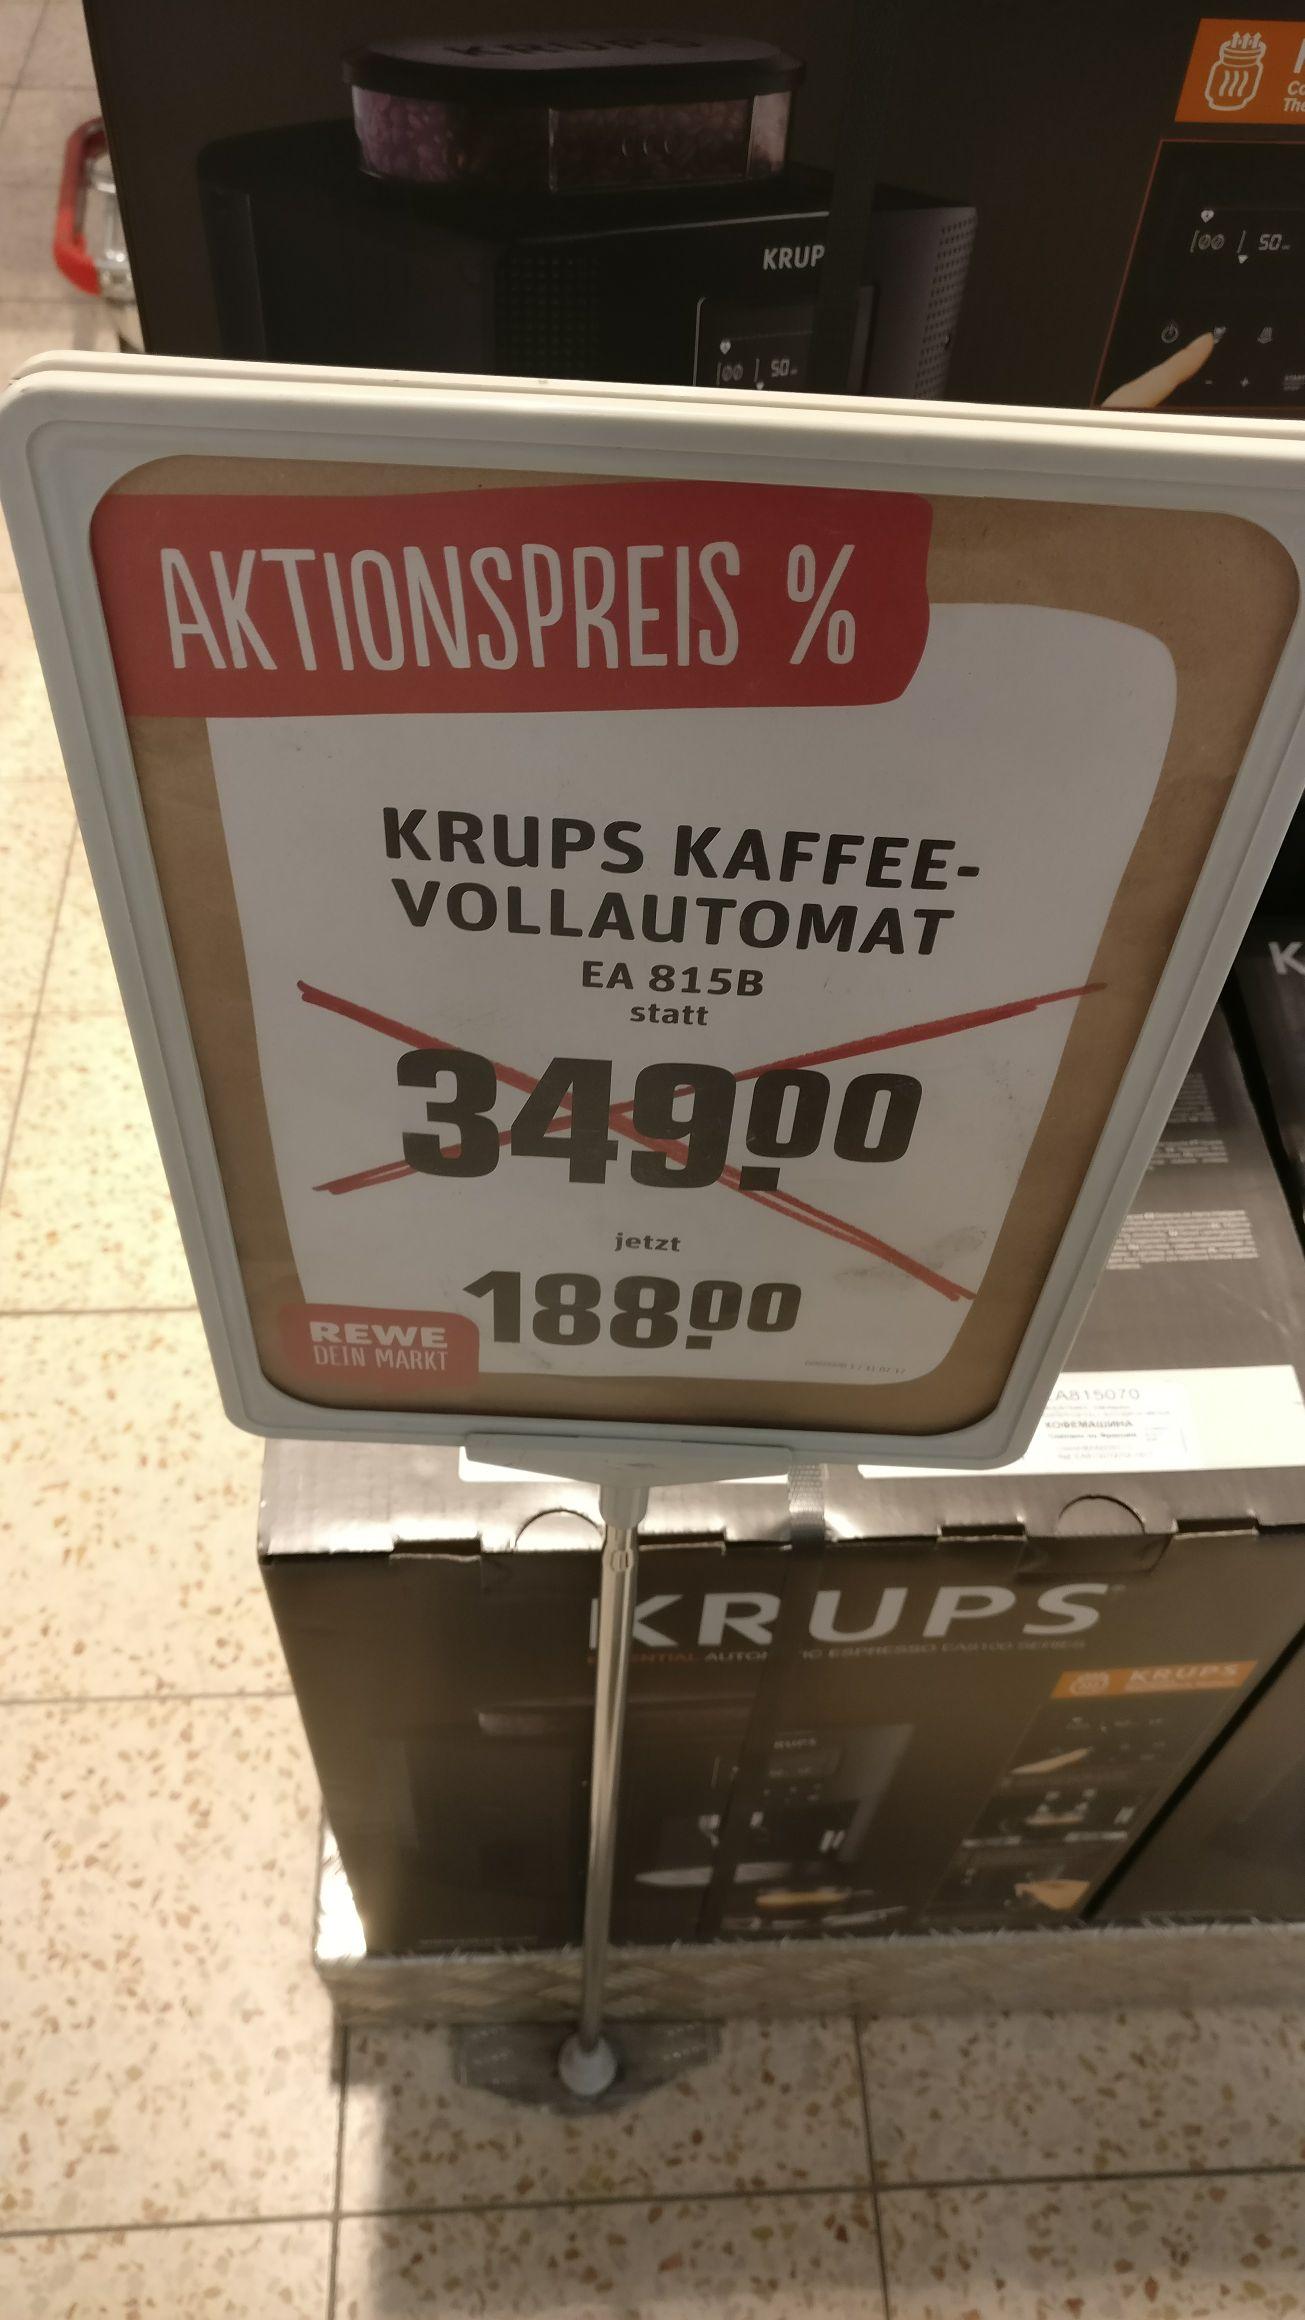 [Lokal 65933 Frankfurt] Krups Kaffeevollautomat EA815B für 188€ statt Idealo 379€